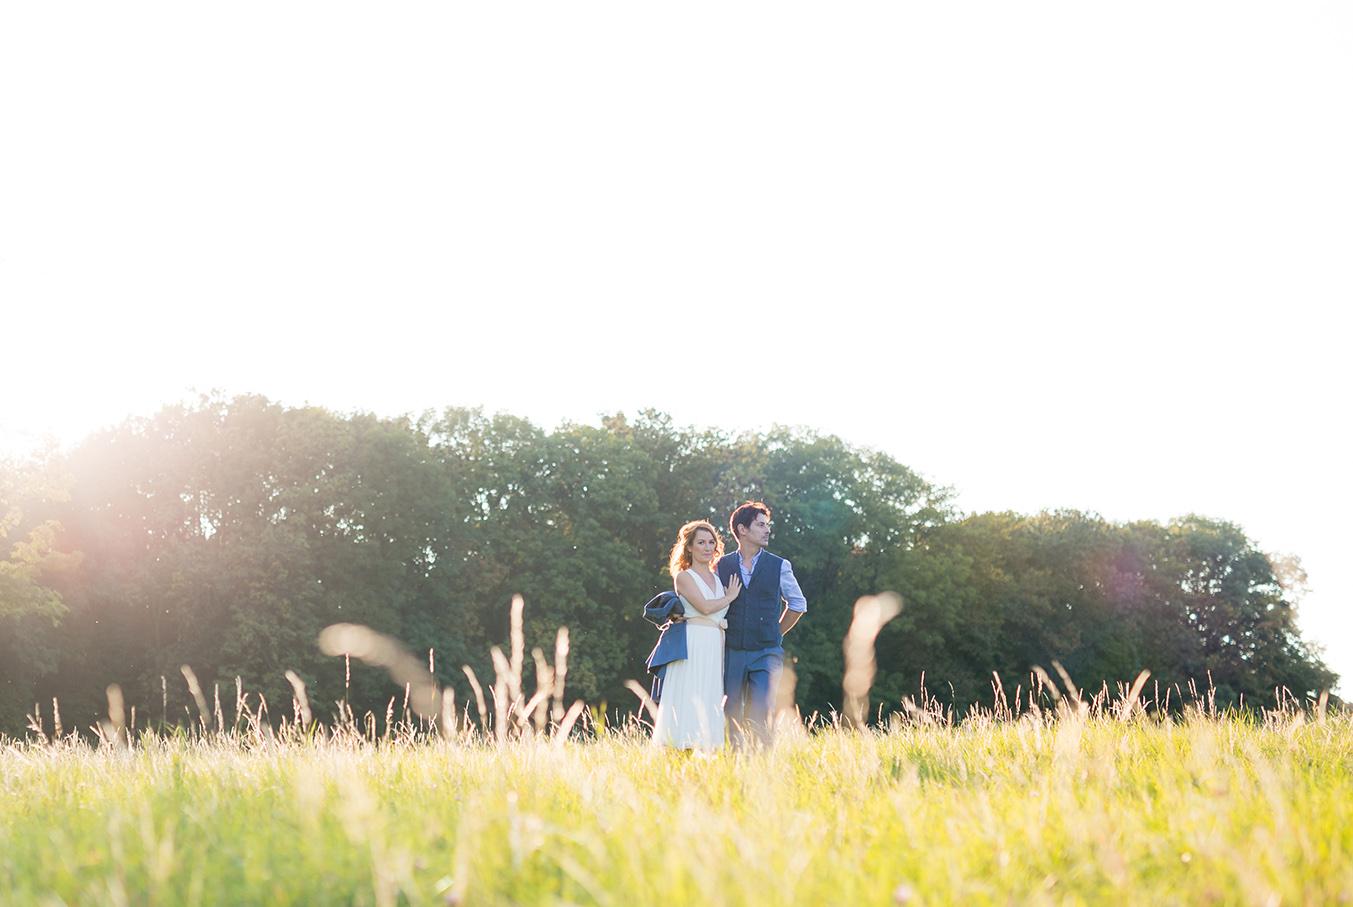 Vienna_Wien_Afterwedding_Hochzeit_Paar_Couple_11